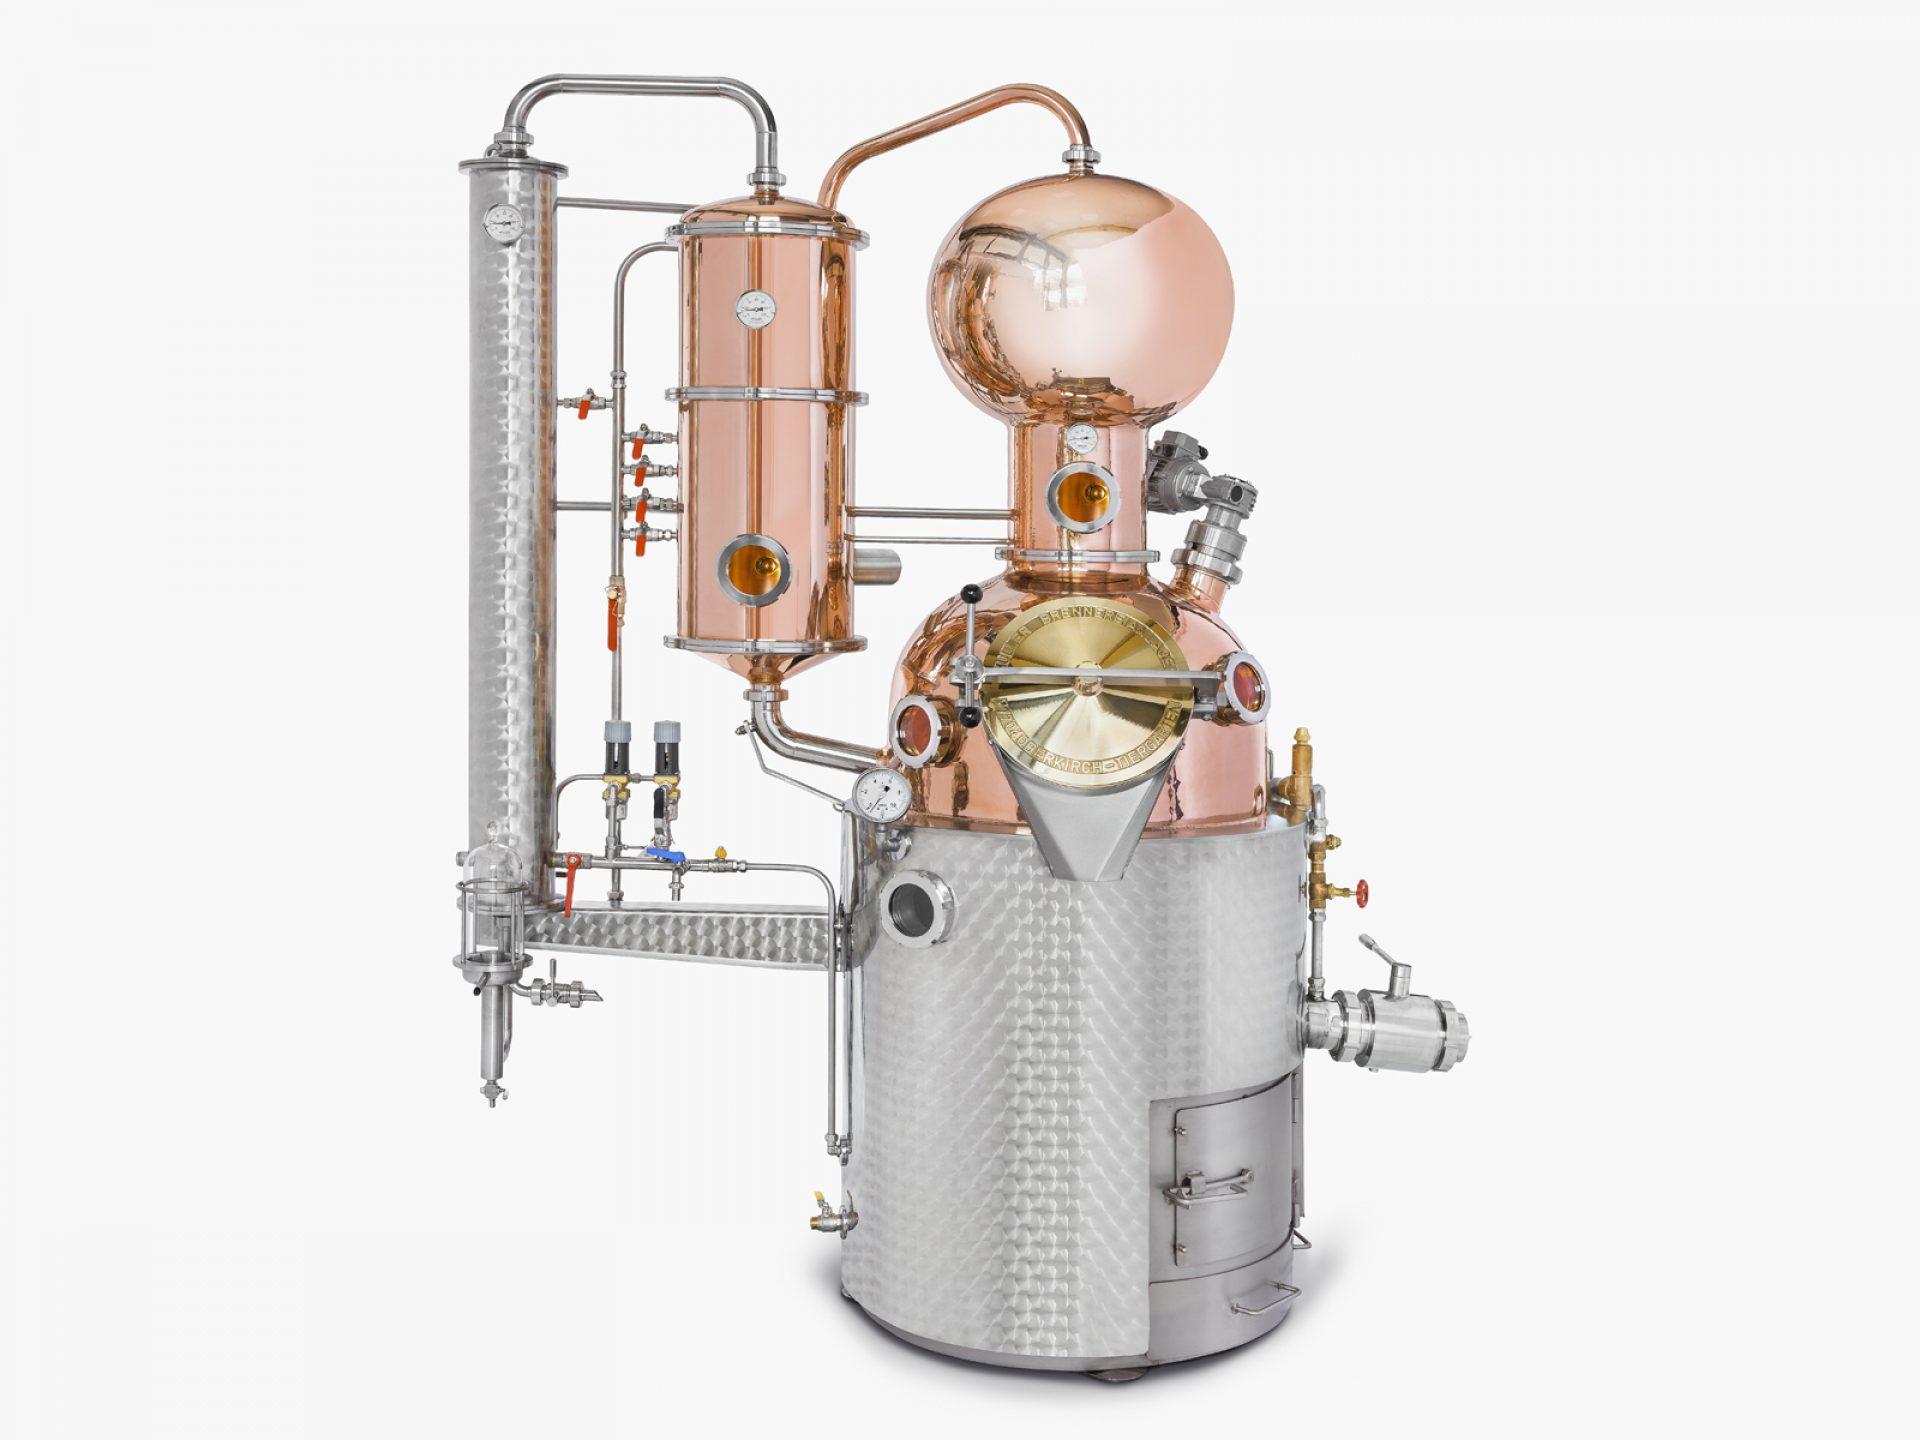 mueller-aroma-brennereianlagen-slider-1920-1200-6